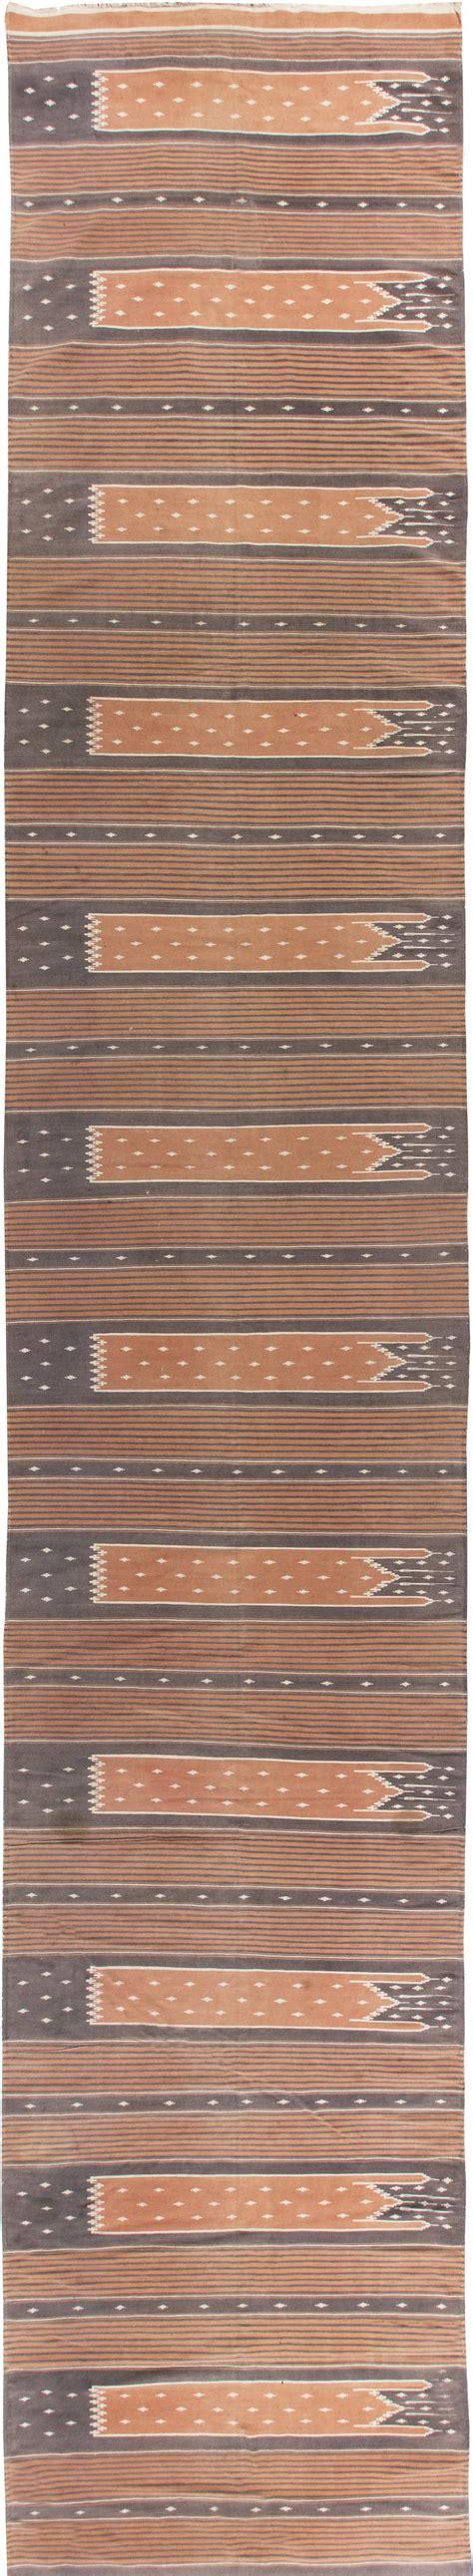 Dhurrie Runner Rugs Vintage Indian Dhurrie Runner Bb6285 By Doris Leslie Blau